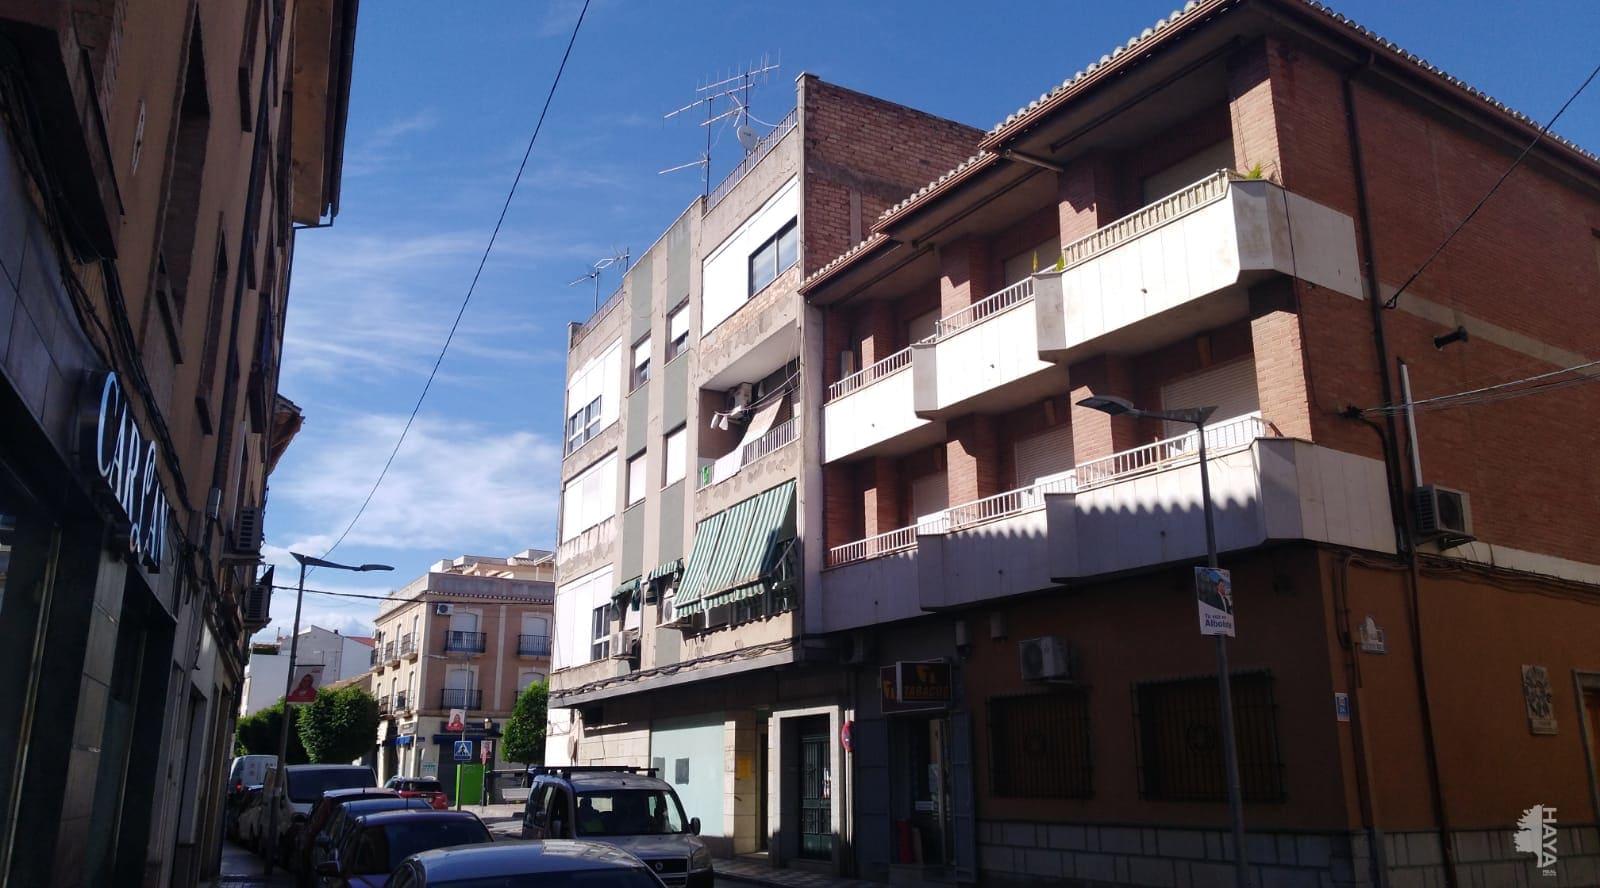 Piso en venta en Albolote, Granada, Calle Real, 74.000 €, 3 habitaciones, 1 baño, 97 m2